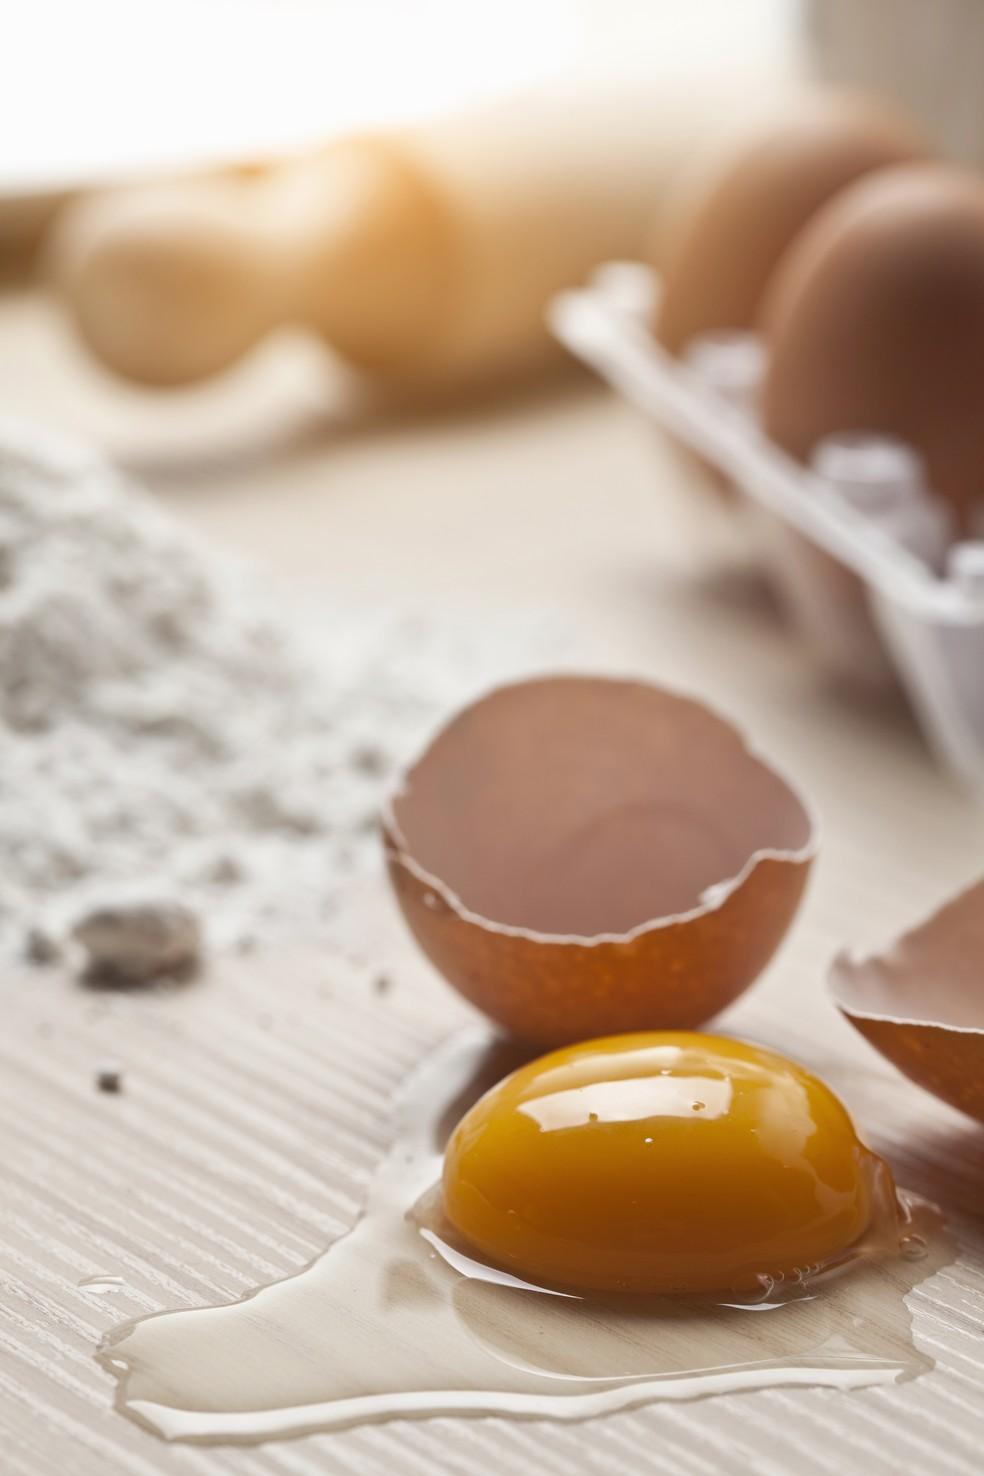 Ideal é consumir o ovo integralmente para garantir todos os benefícios (Foto: Getty Images)